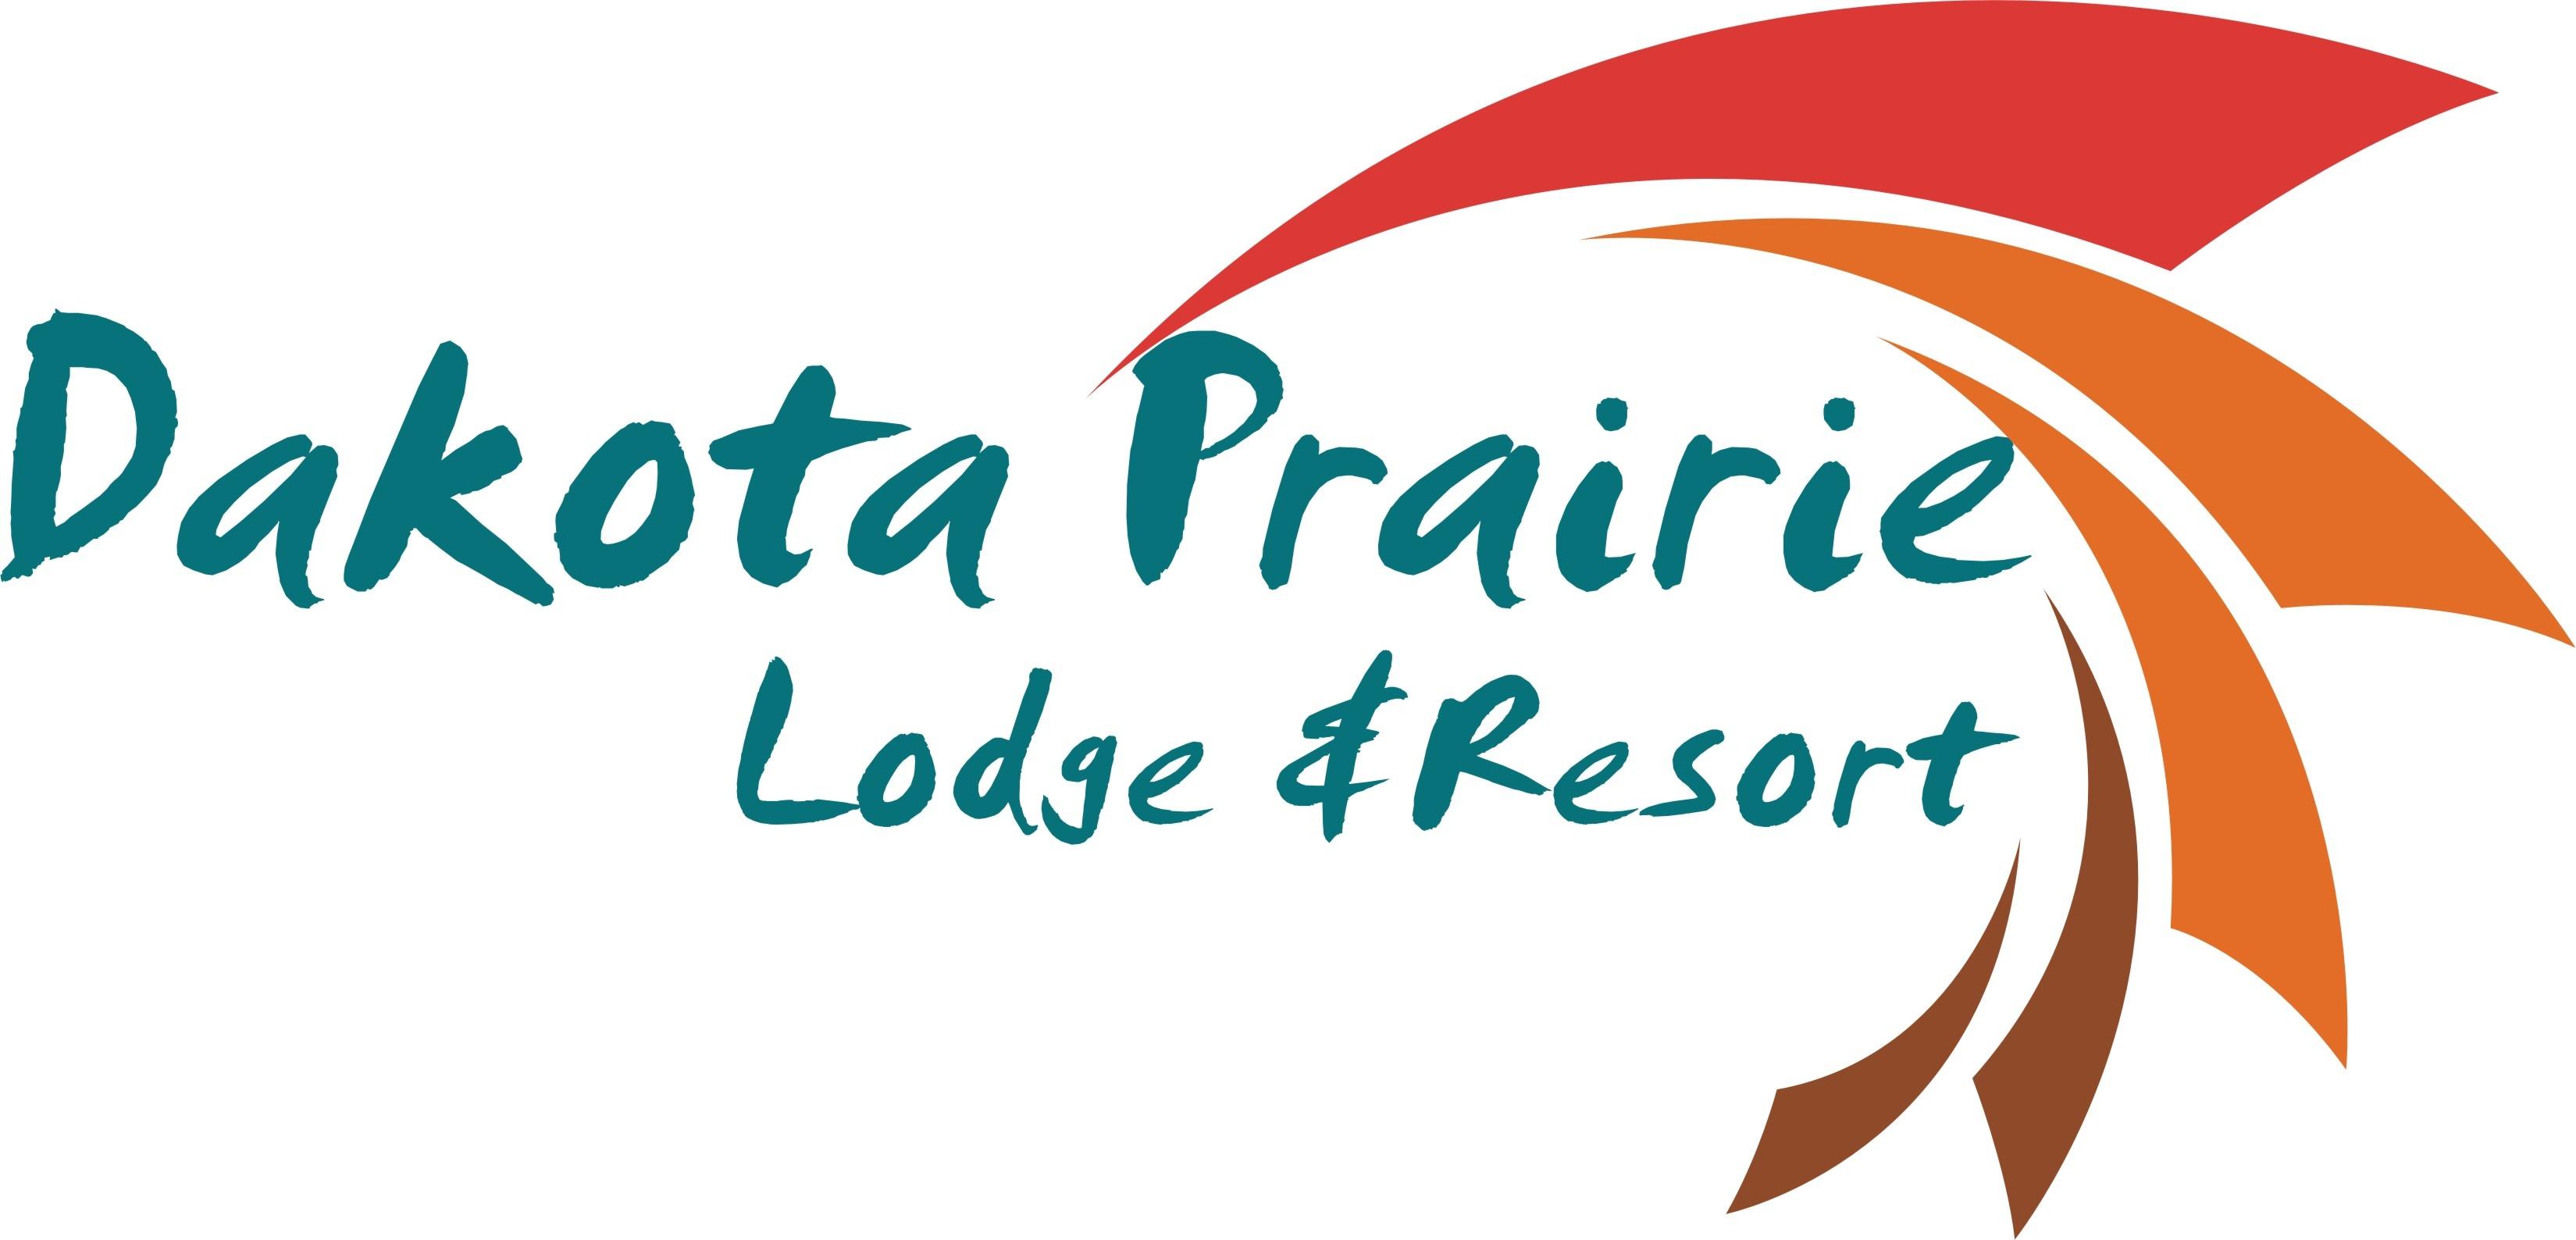 Dakota Prairie Lodge & Resort LLC photo gallery